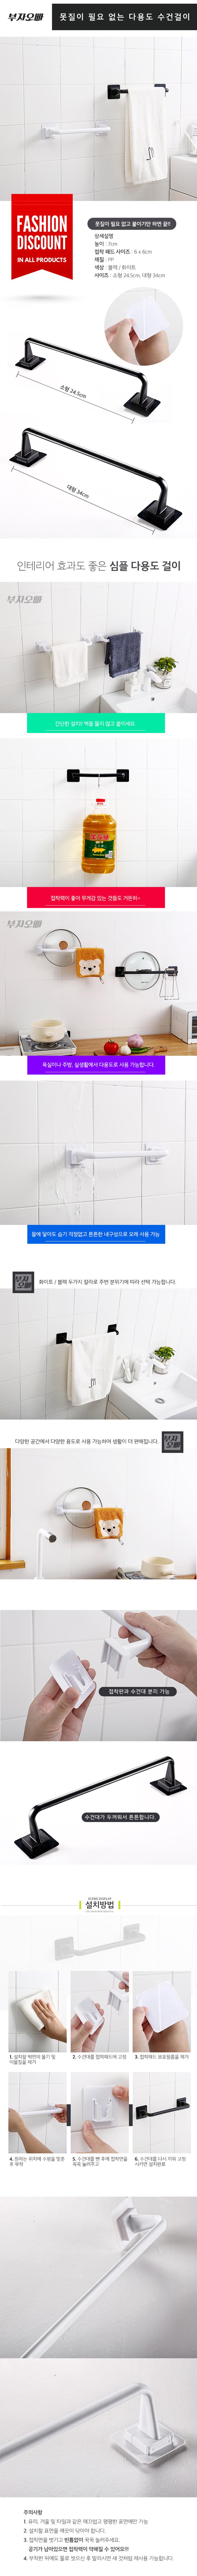 못질이 필요 없는 다용도 주방 욕실 수건걸이 - 부자오빠, 6,900원, 정리용품/청소, 욕실선반/걸이